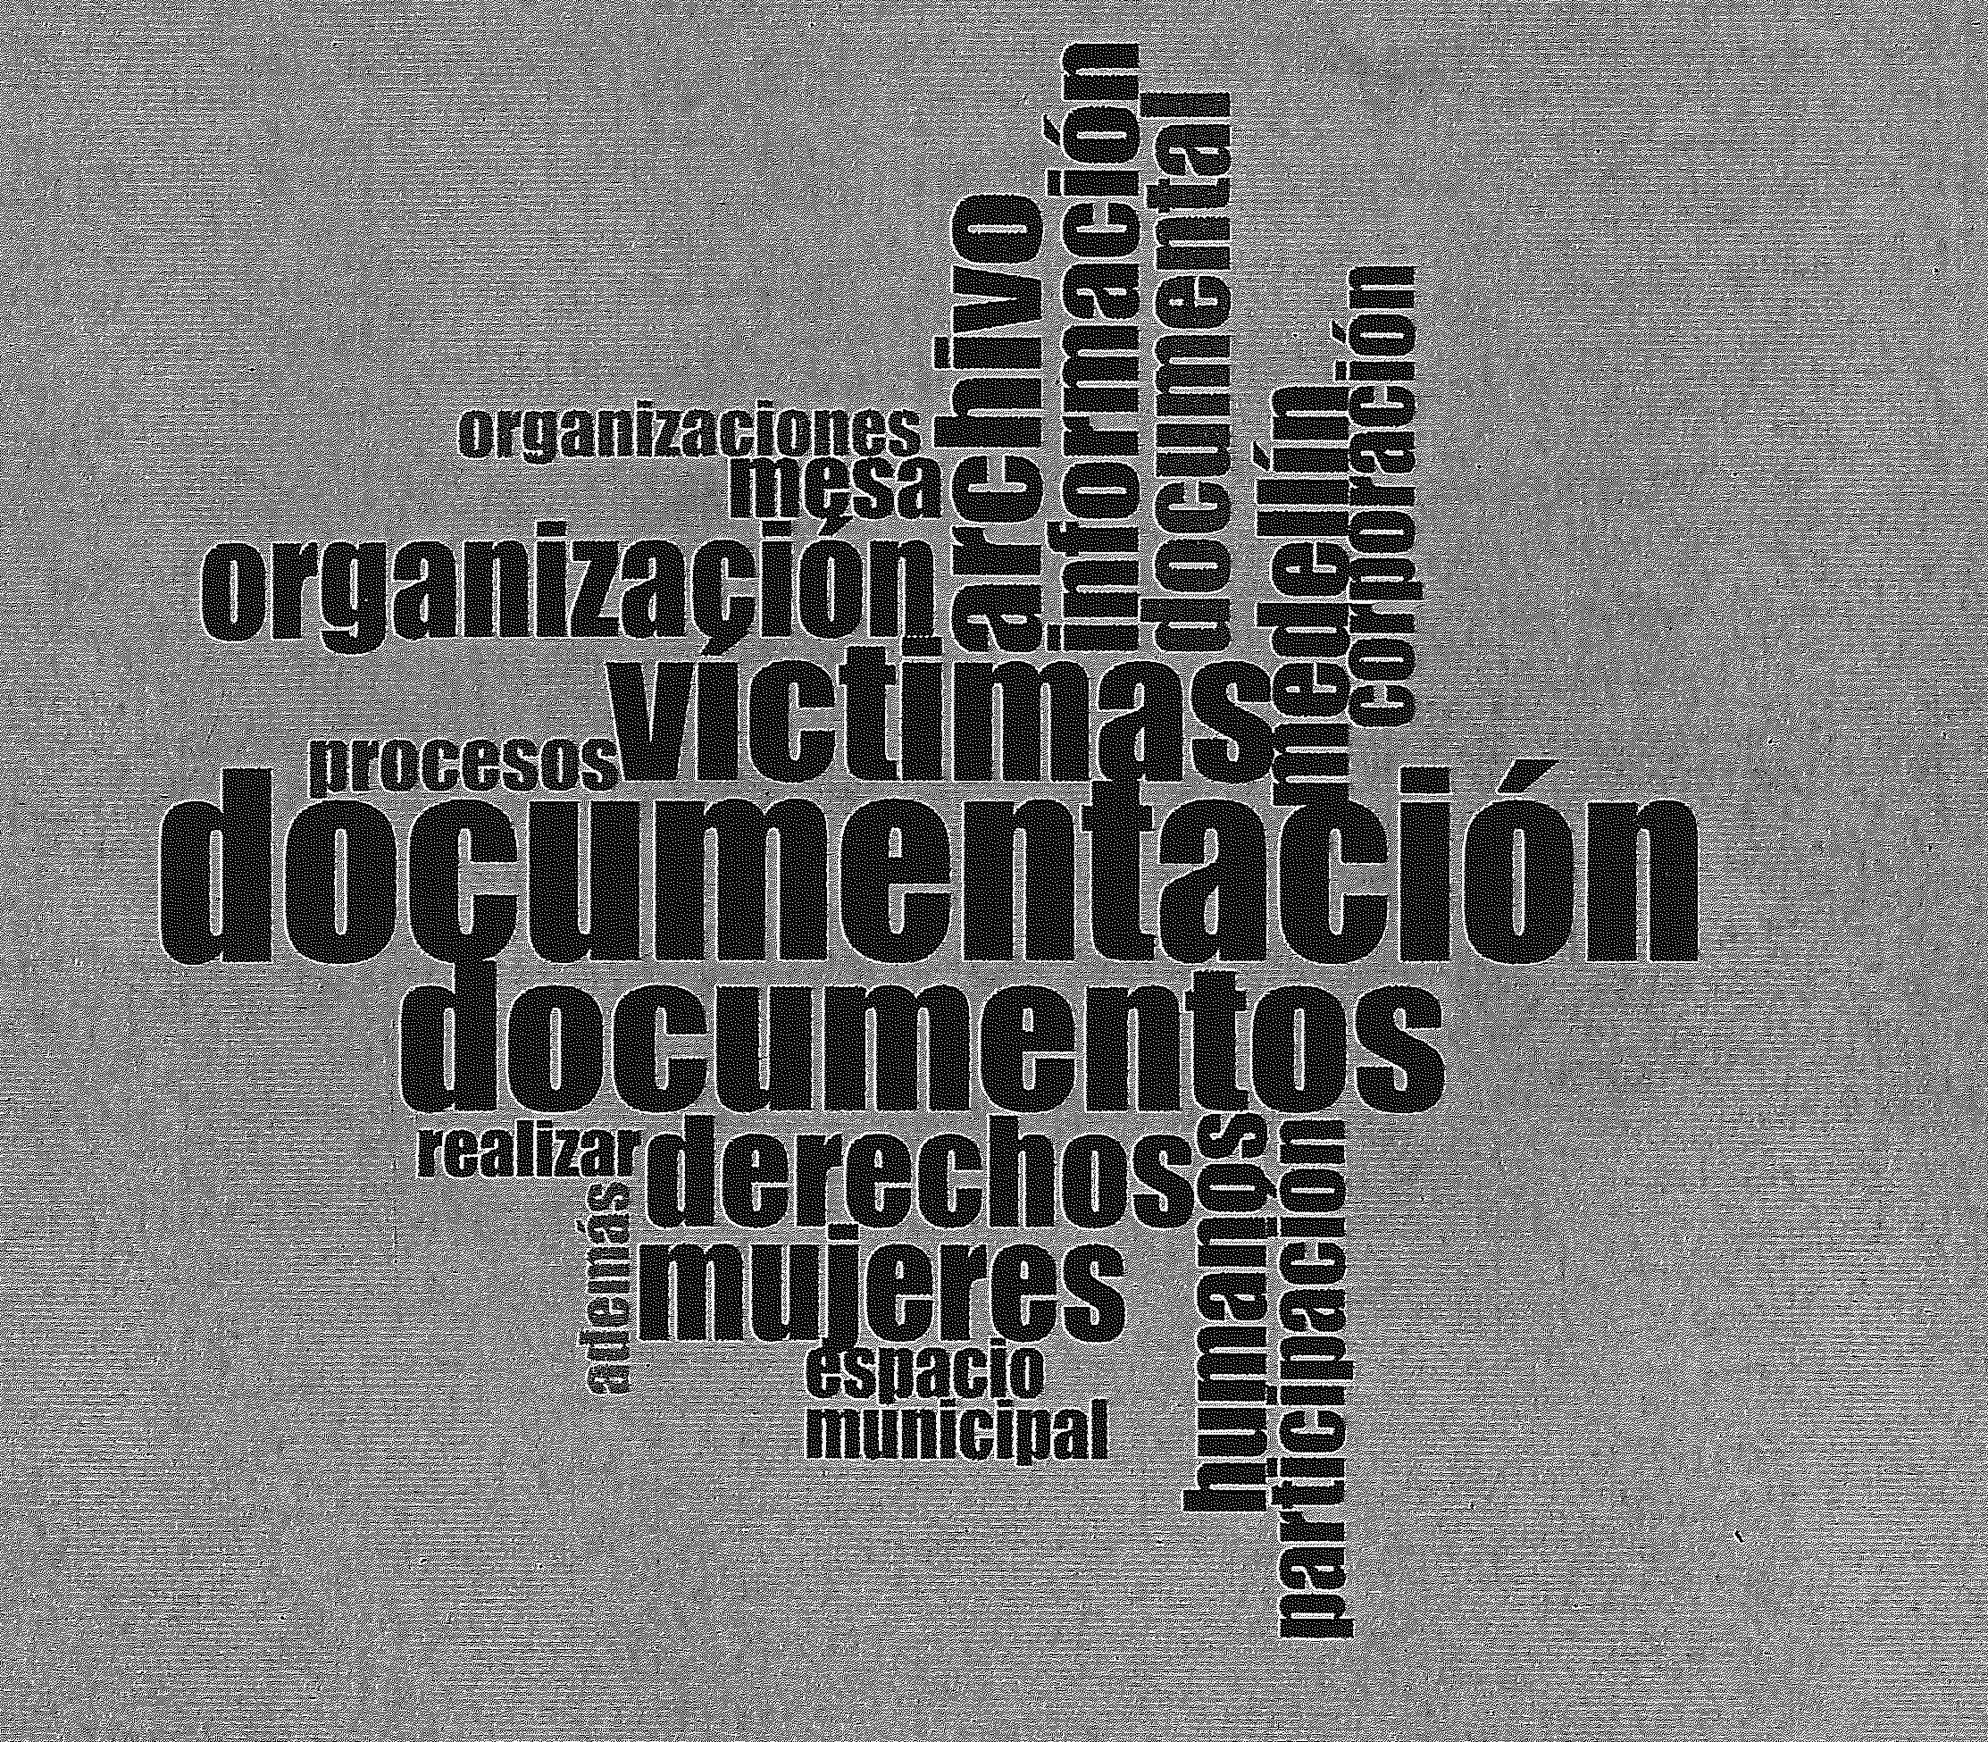 Censo de archivos de organizaciones defensoras de derechos humanos en Antioquia (Colombia) (1ª fase)